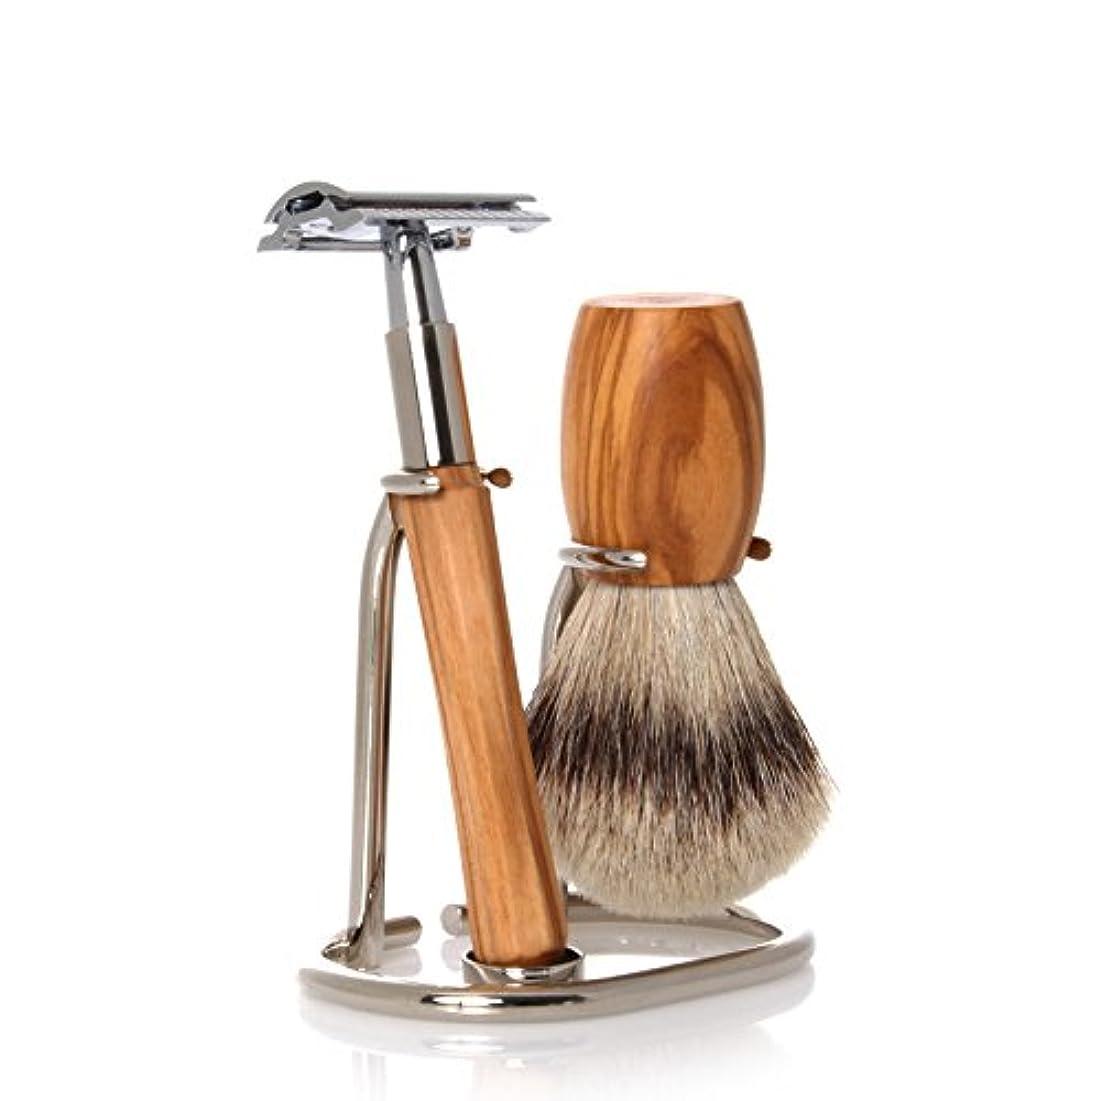 特異な囲いお風呂GOLDDACHS Shaving Set, Safety razor, Silvertip, olive wood